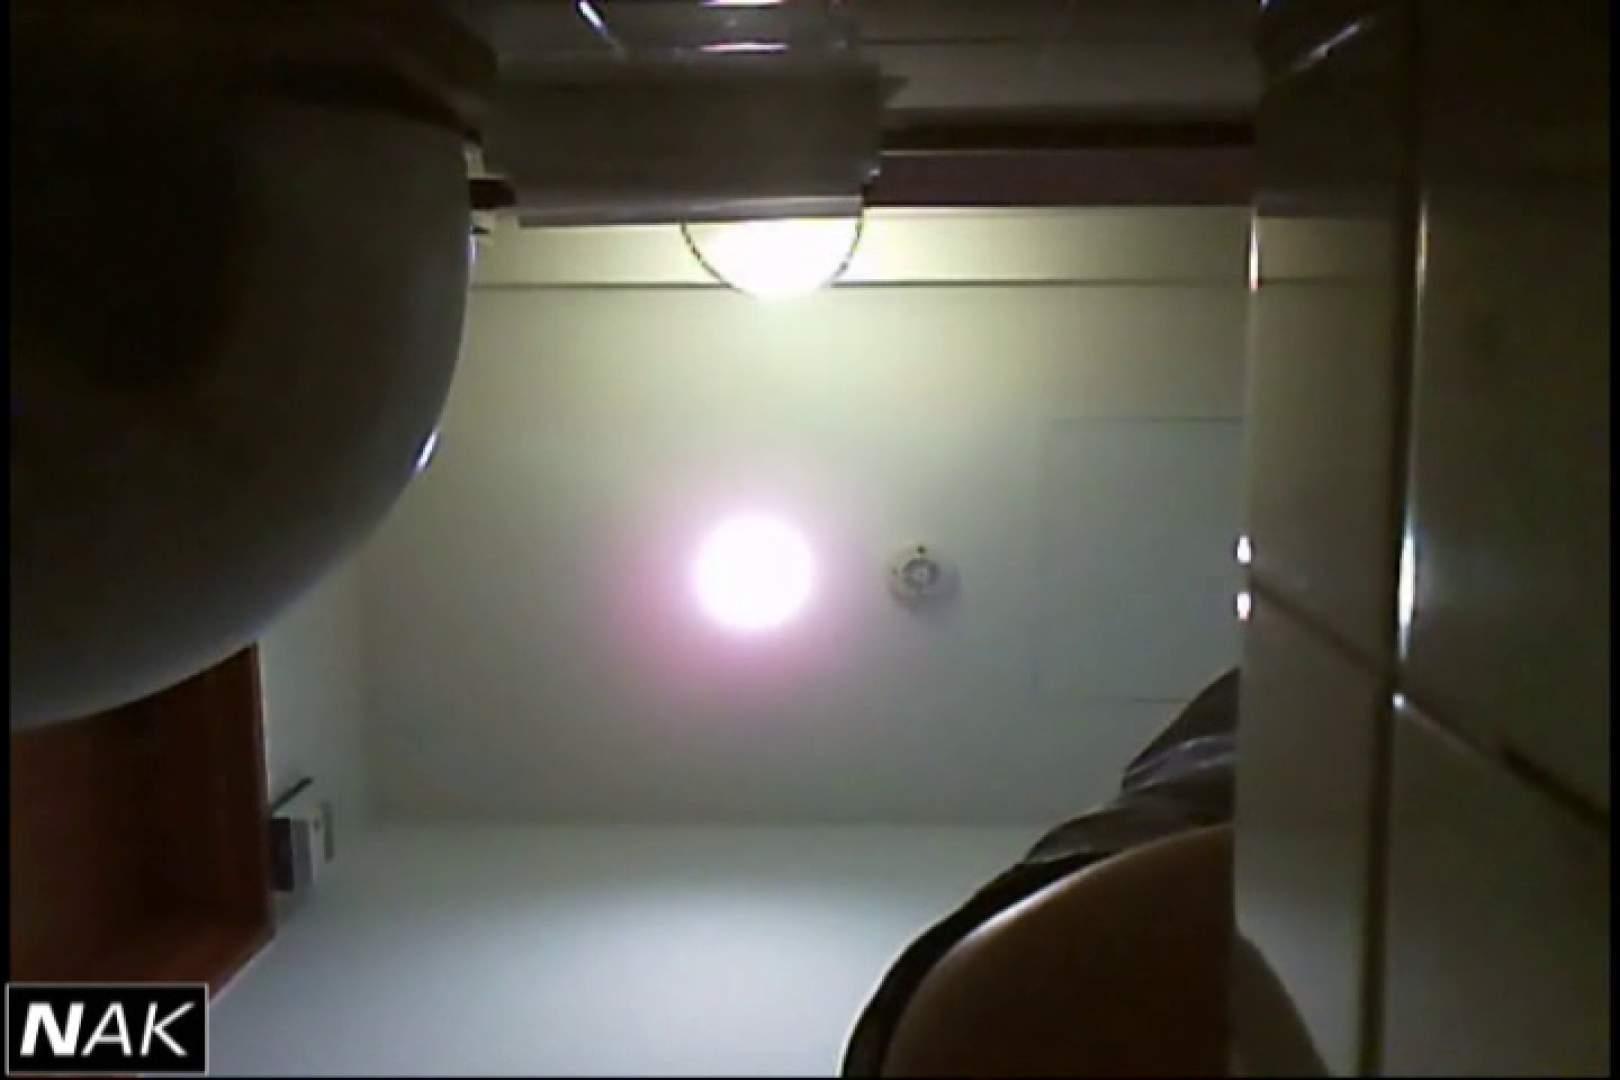 亀さんかわや VIP和式2カメバージョン! vol.14 オマンコ | 黄金水  58pic 16